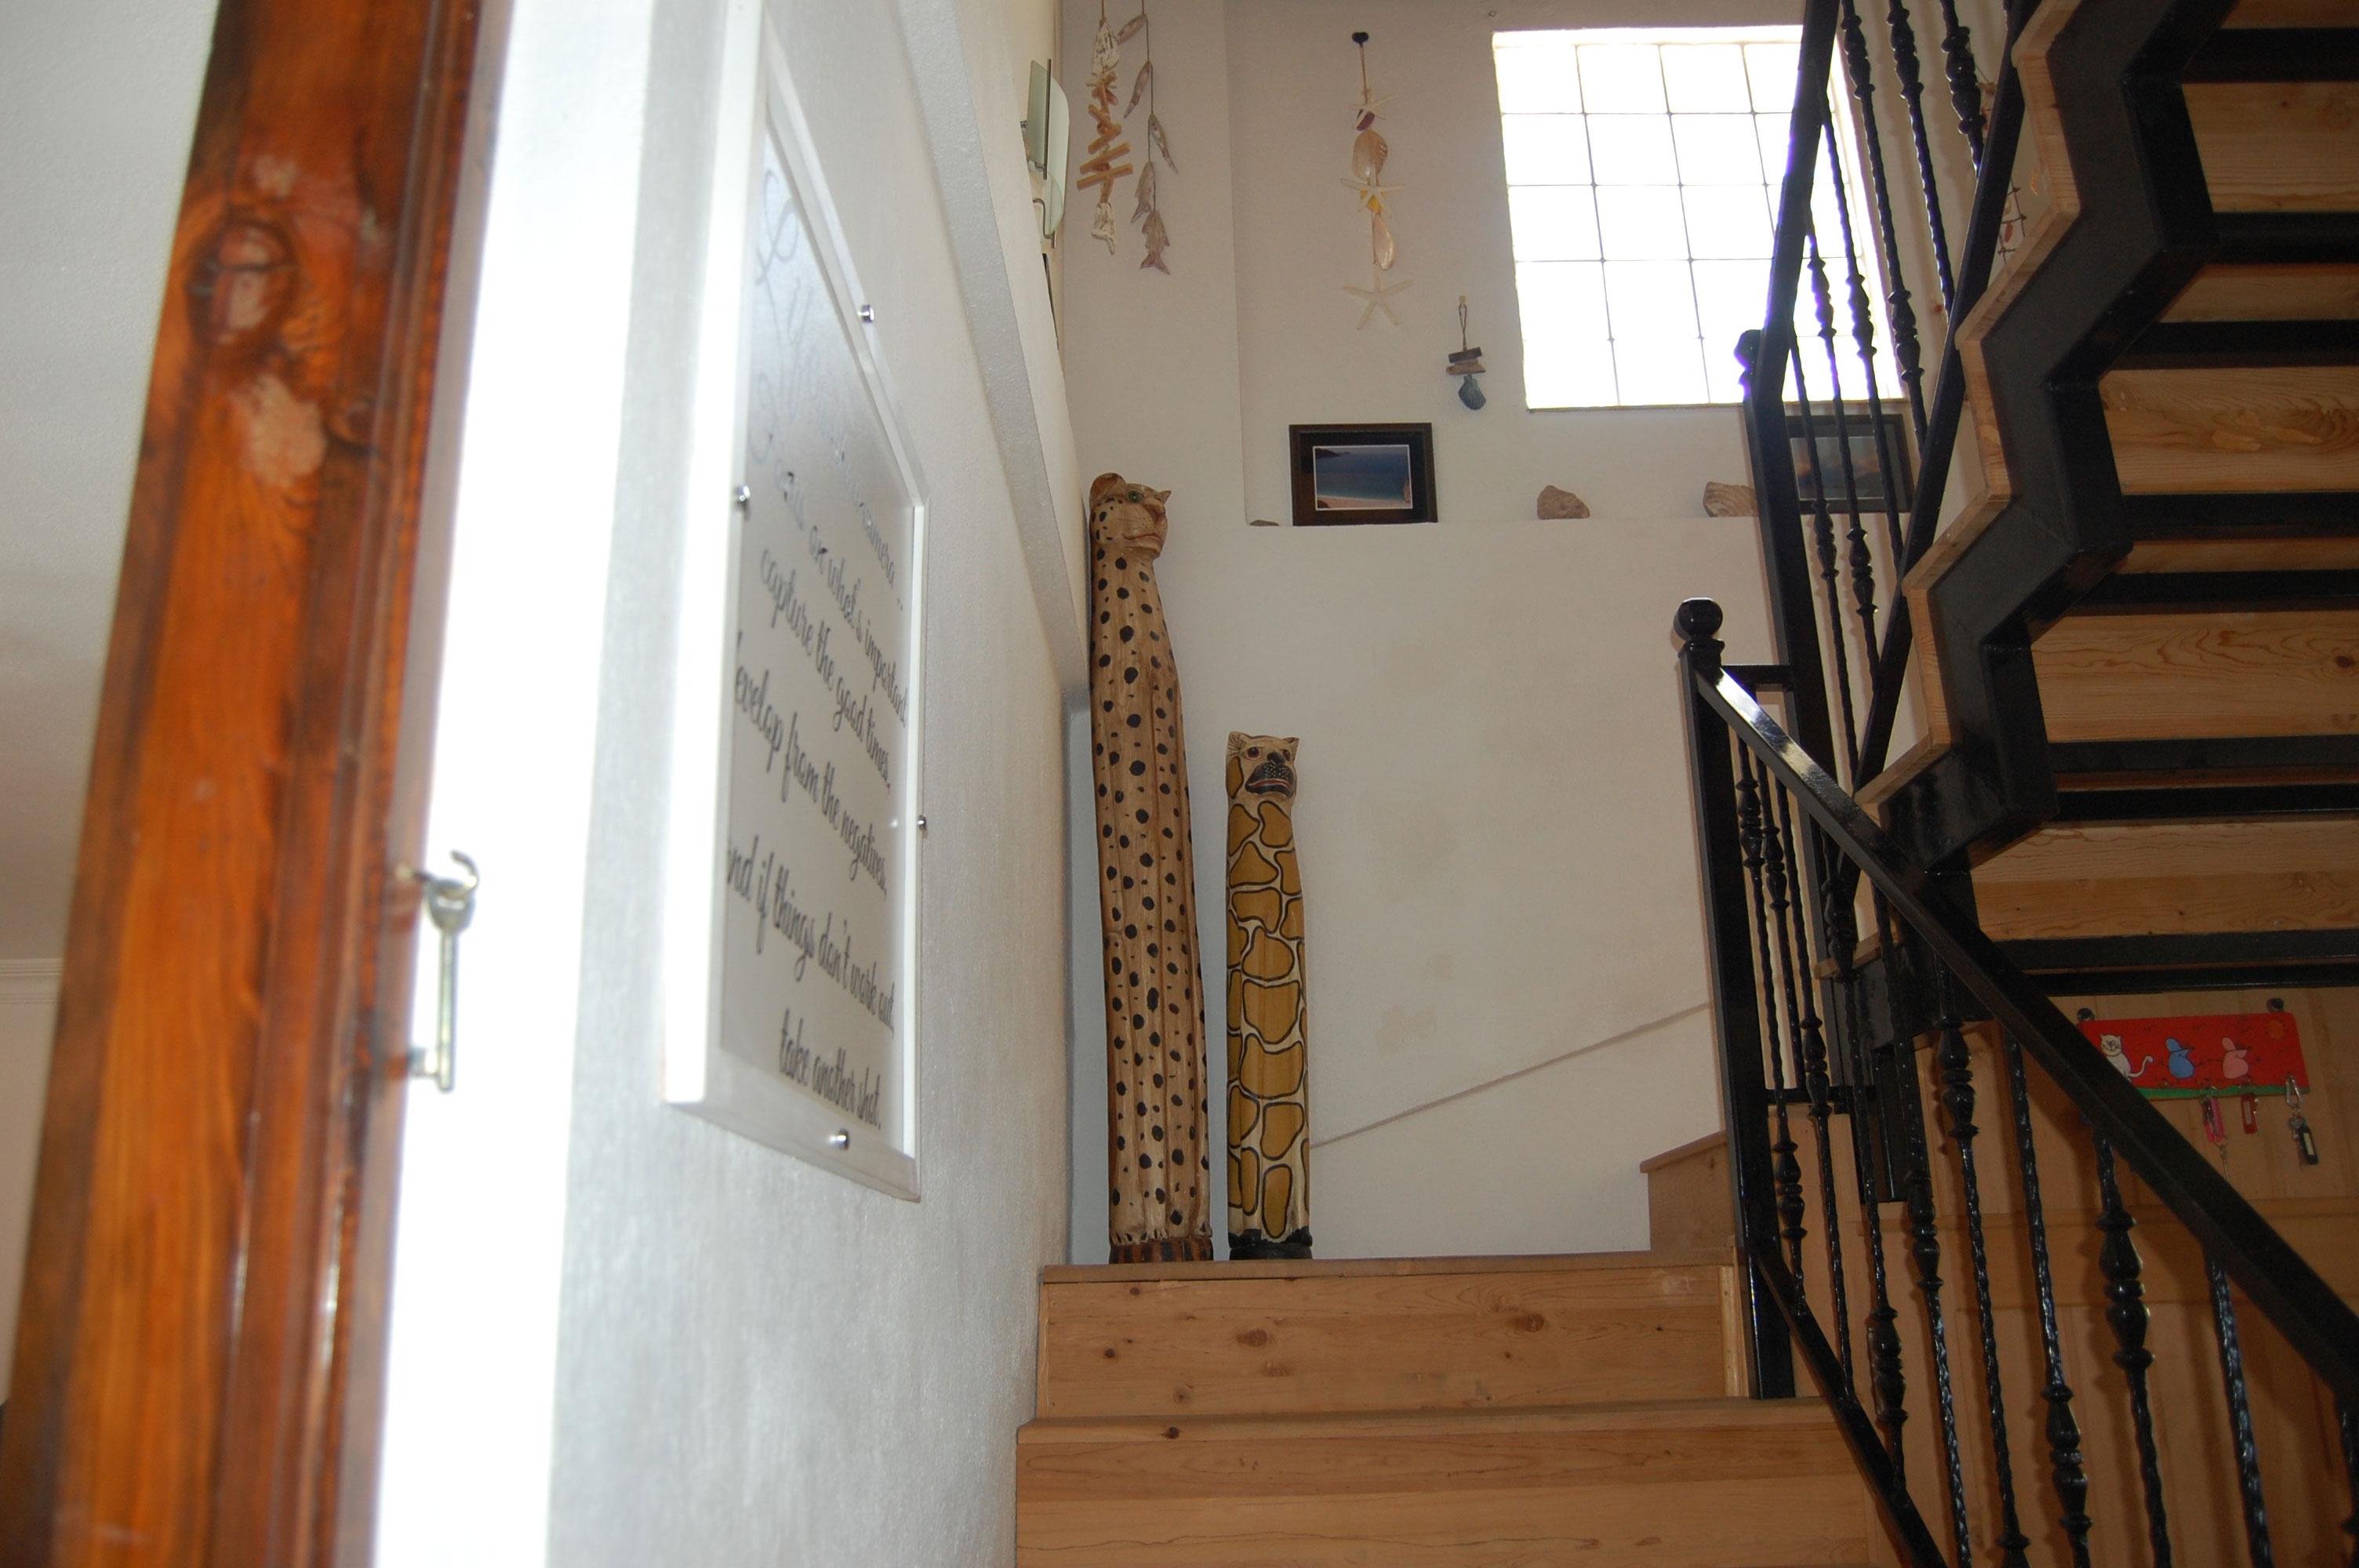 Stairs - bottom